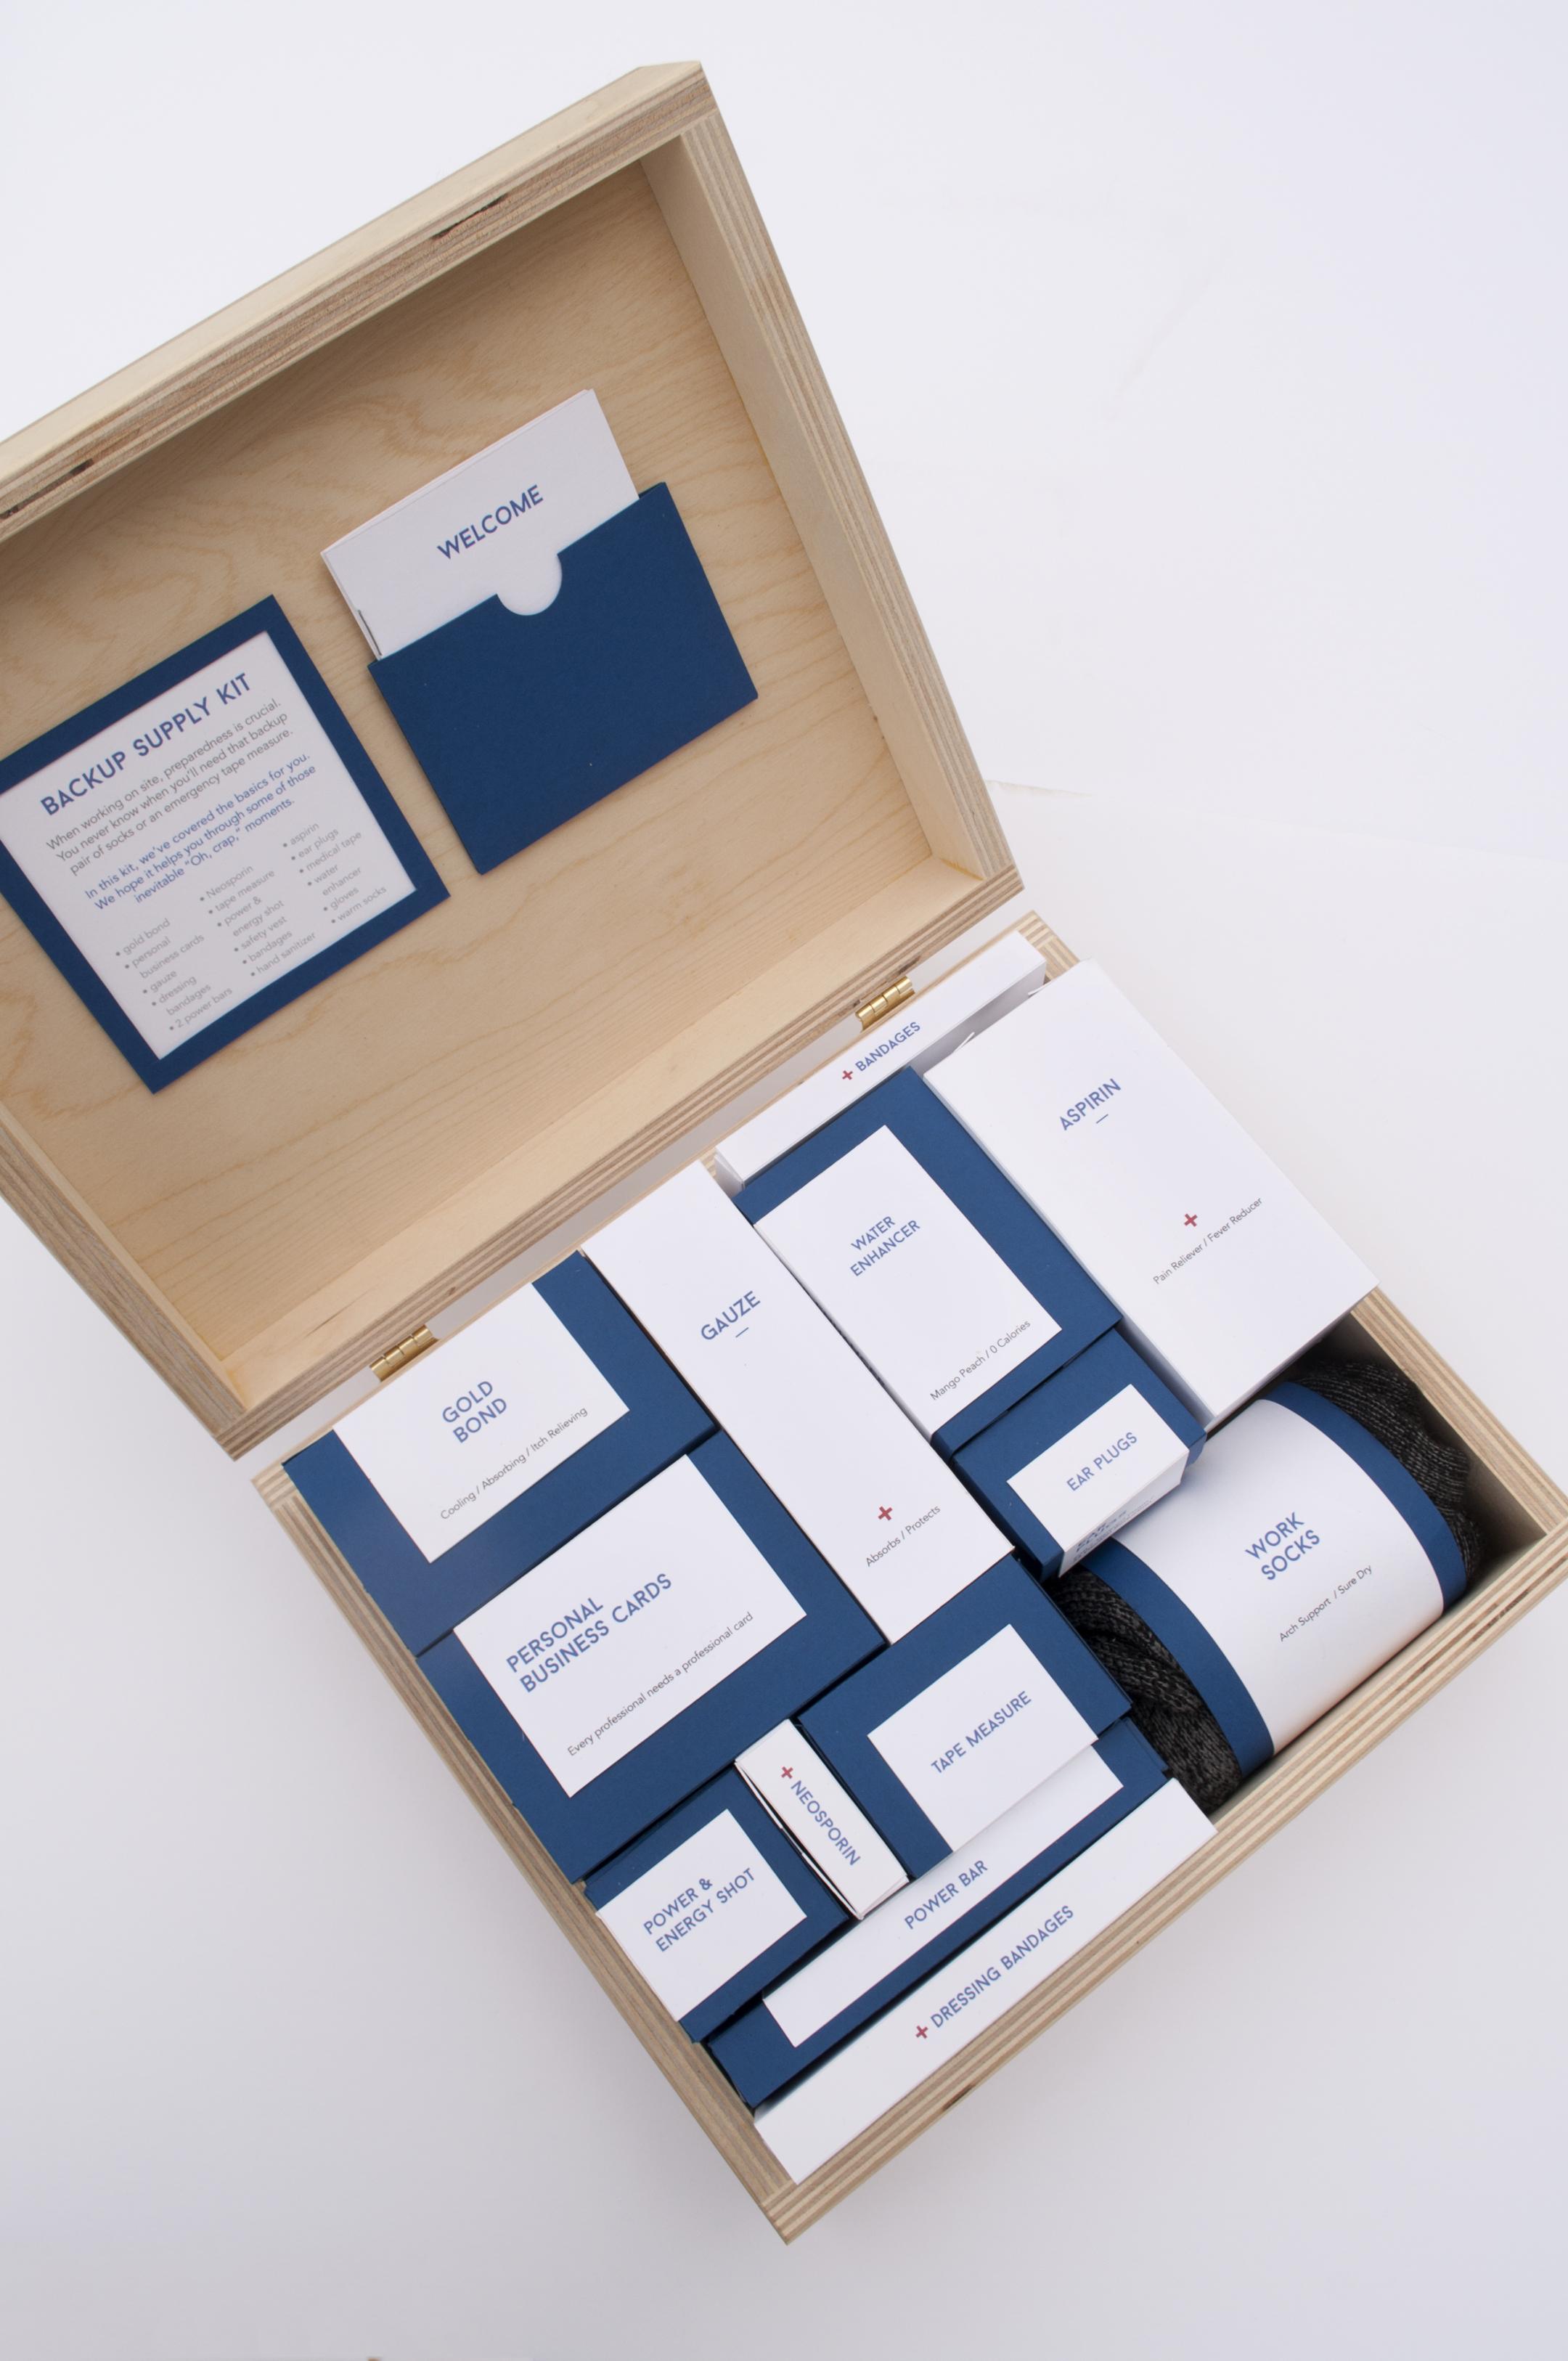 lehmanconstruction_welcomekit_box